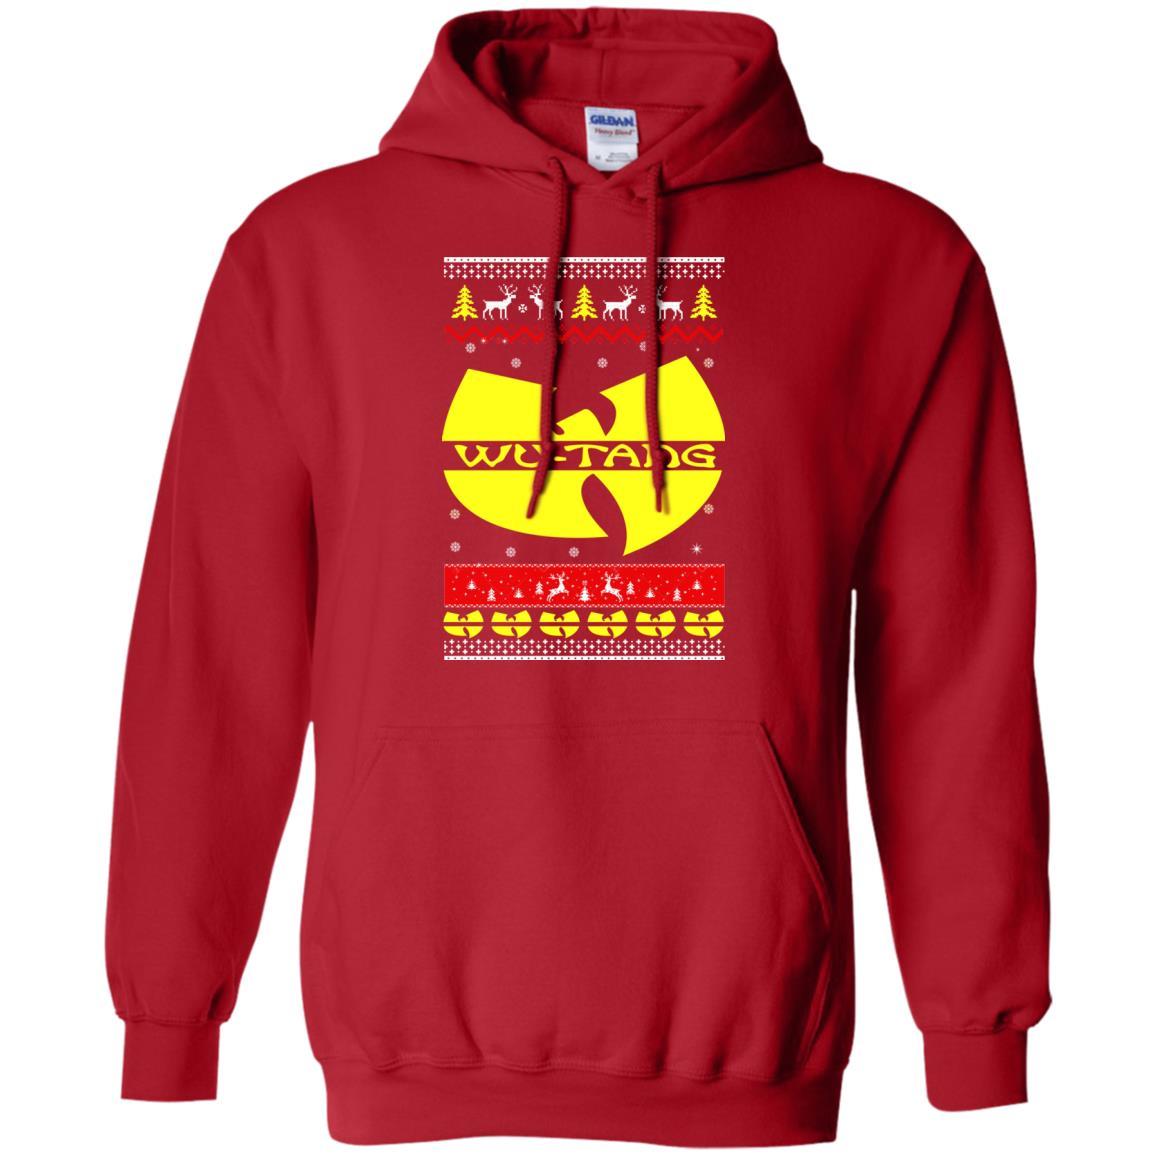 image 1175 - Wu Tang Christmas Sweater, Ugly Sweatshirt